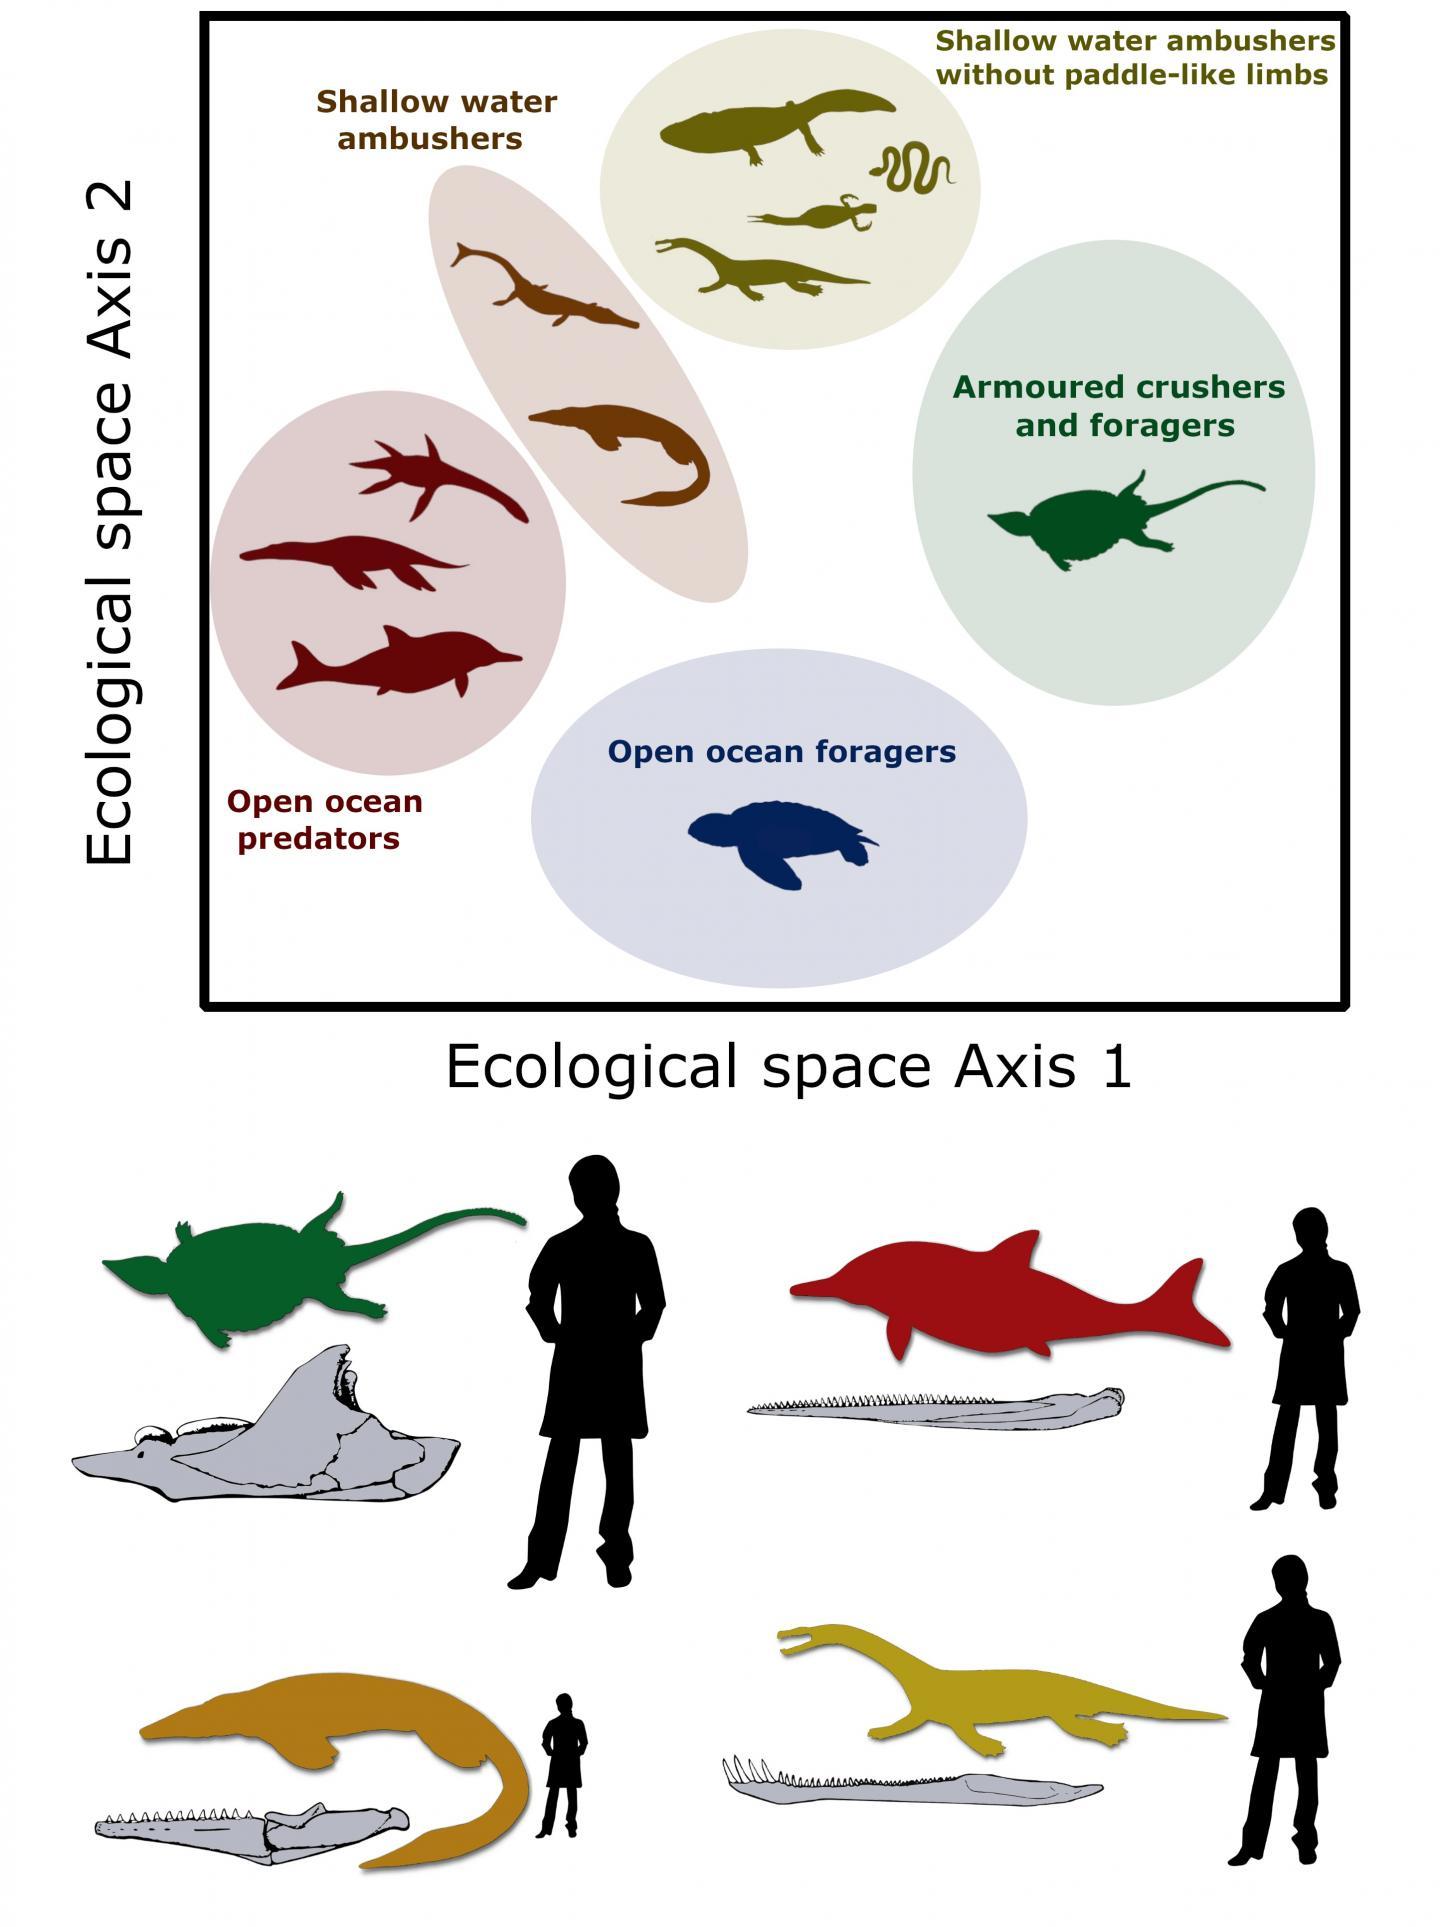 Mesozoic marine tetrapod ecospace